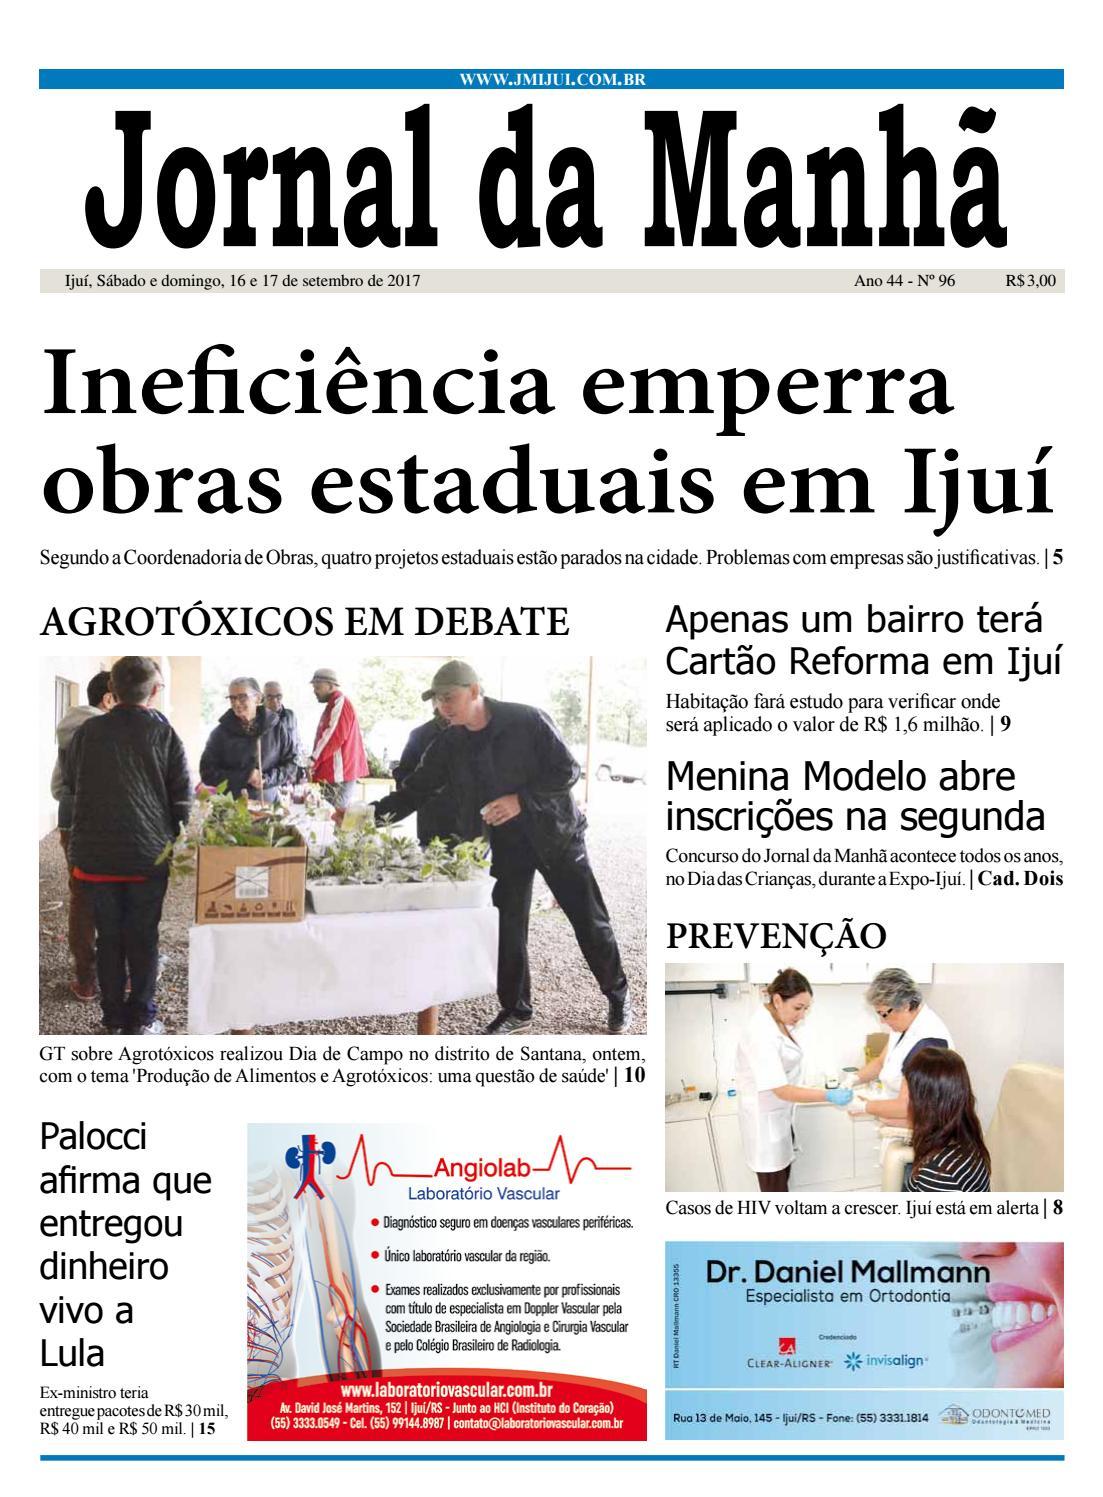 Jornal da Manhã - Sábado - 16-09-17 by clicjm - issuu b737d653092c8